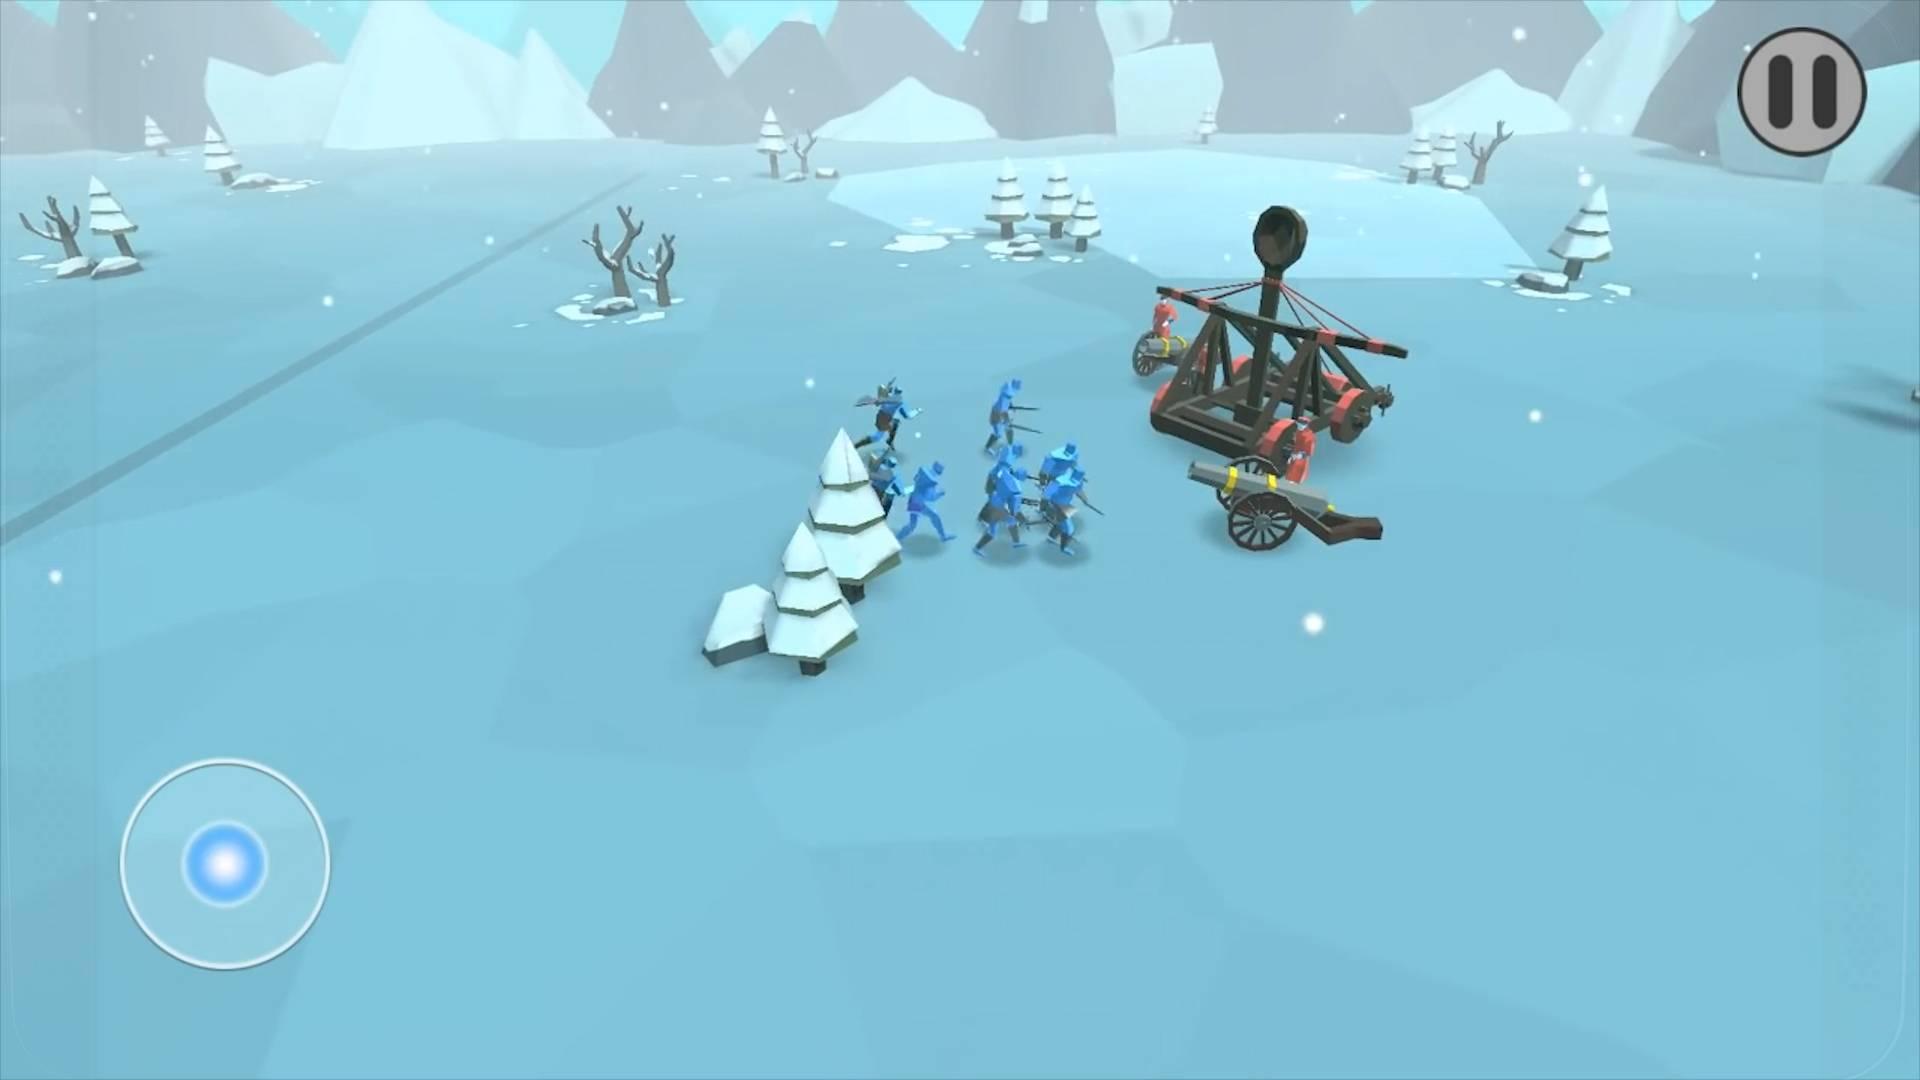 скачать взлом epic battle simulator 2